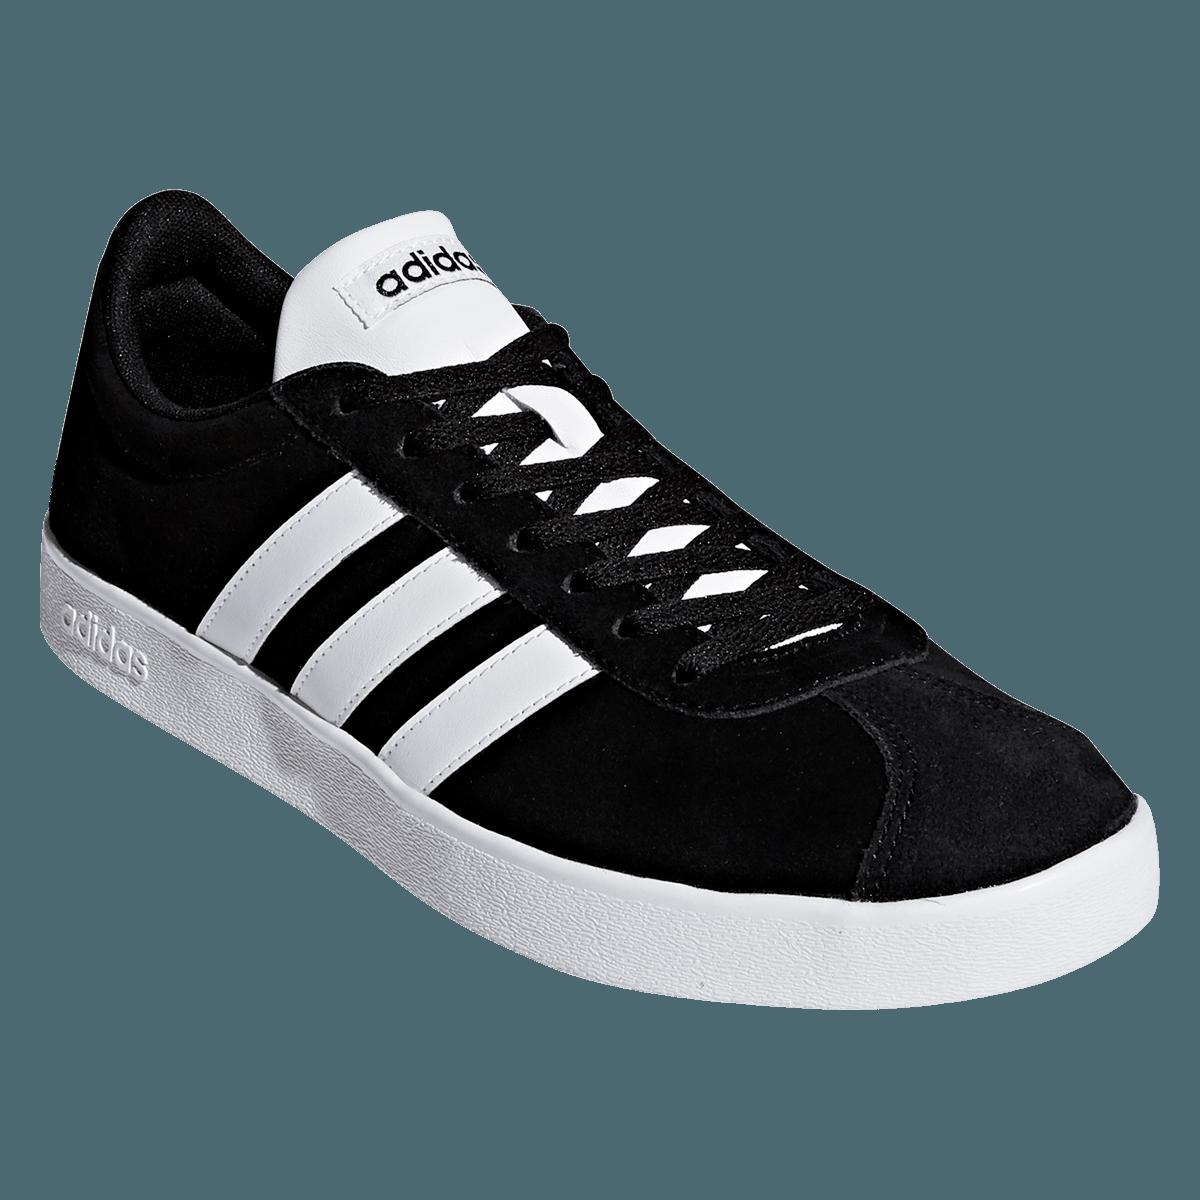 adidas Freizeitschuh VL Court 2.0 weißschwarz